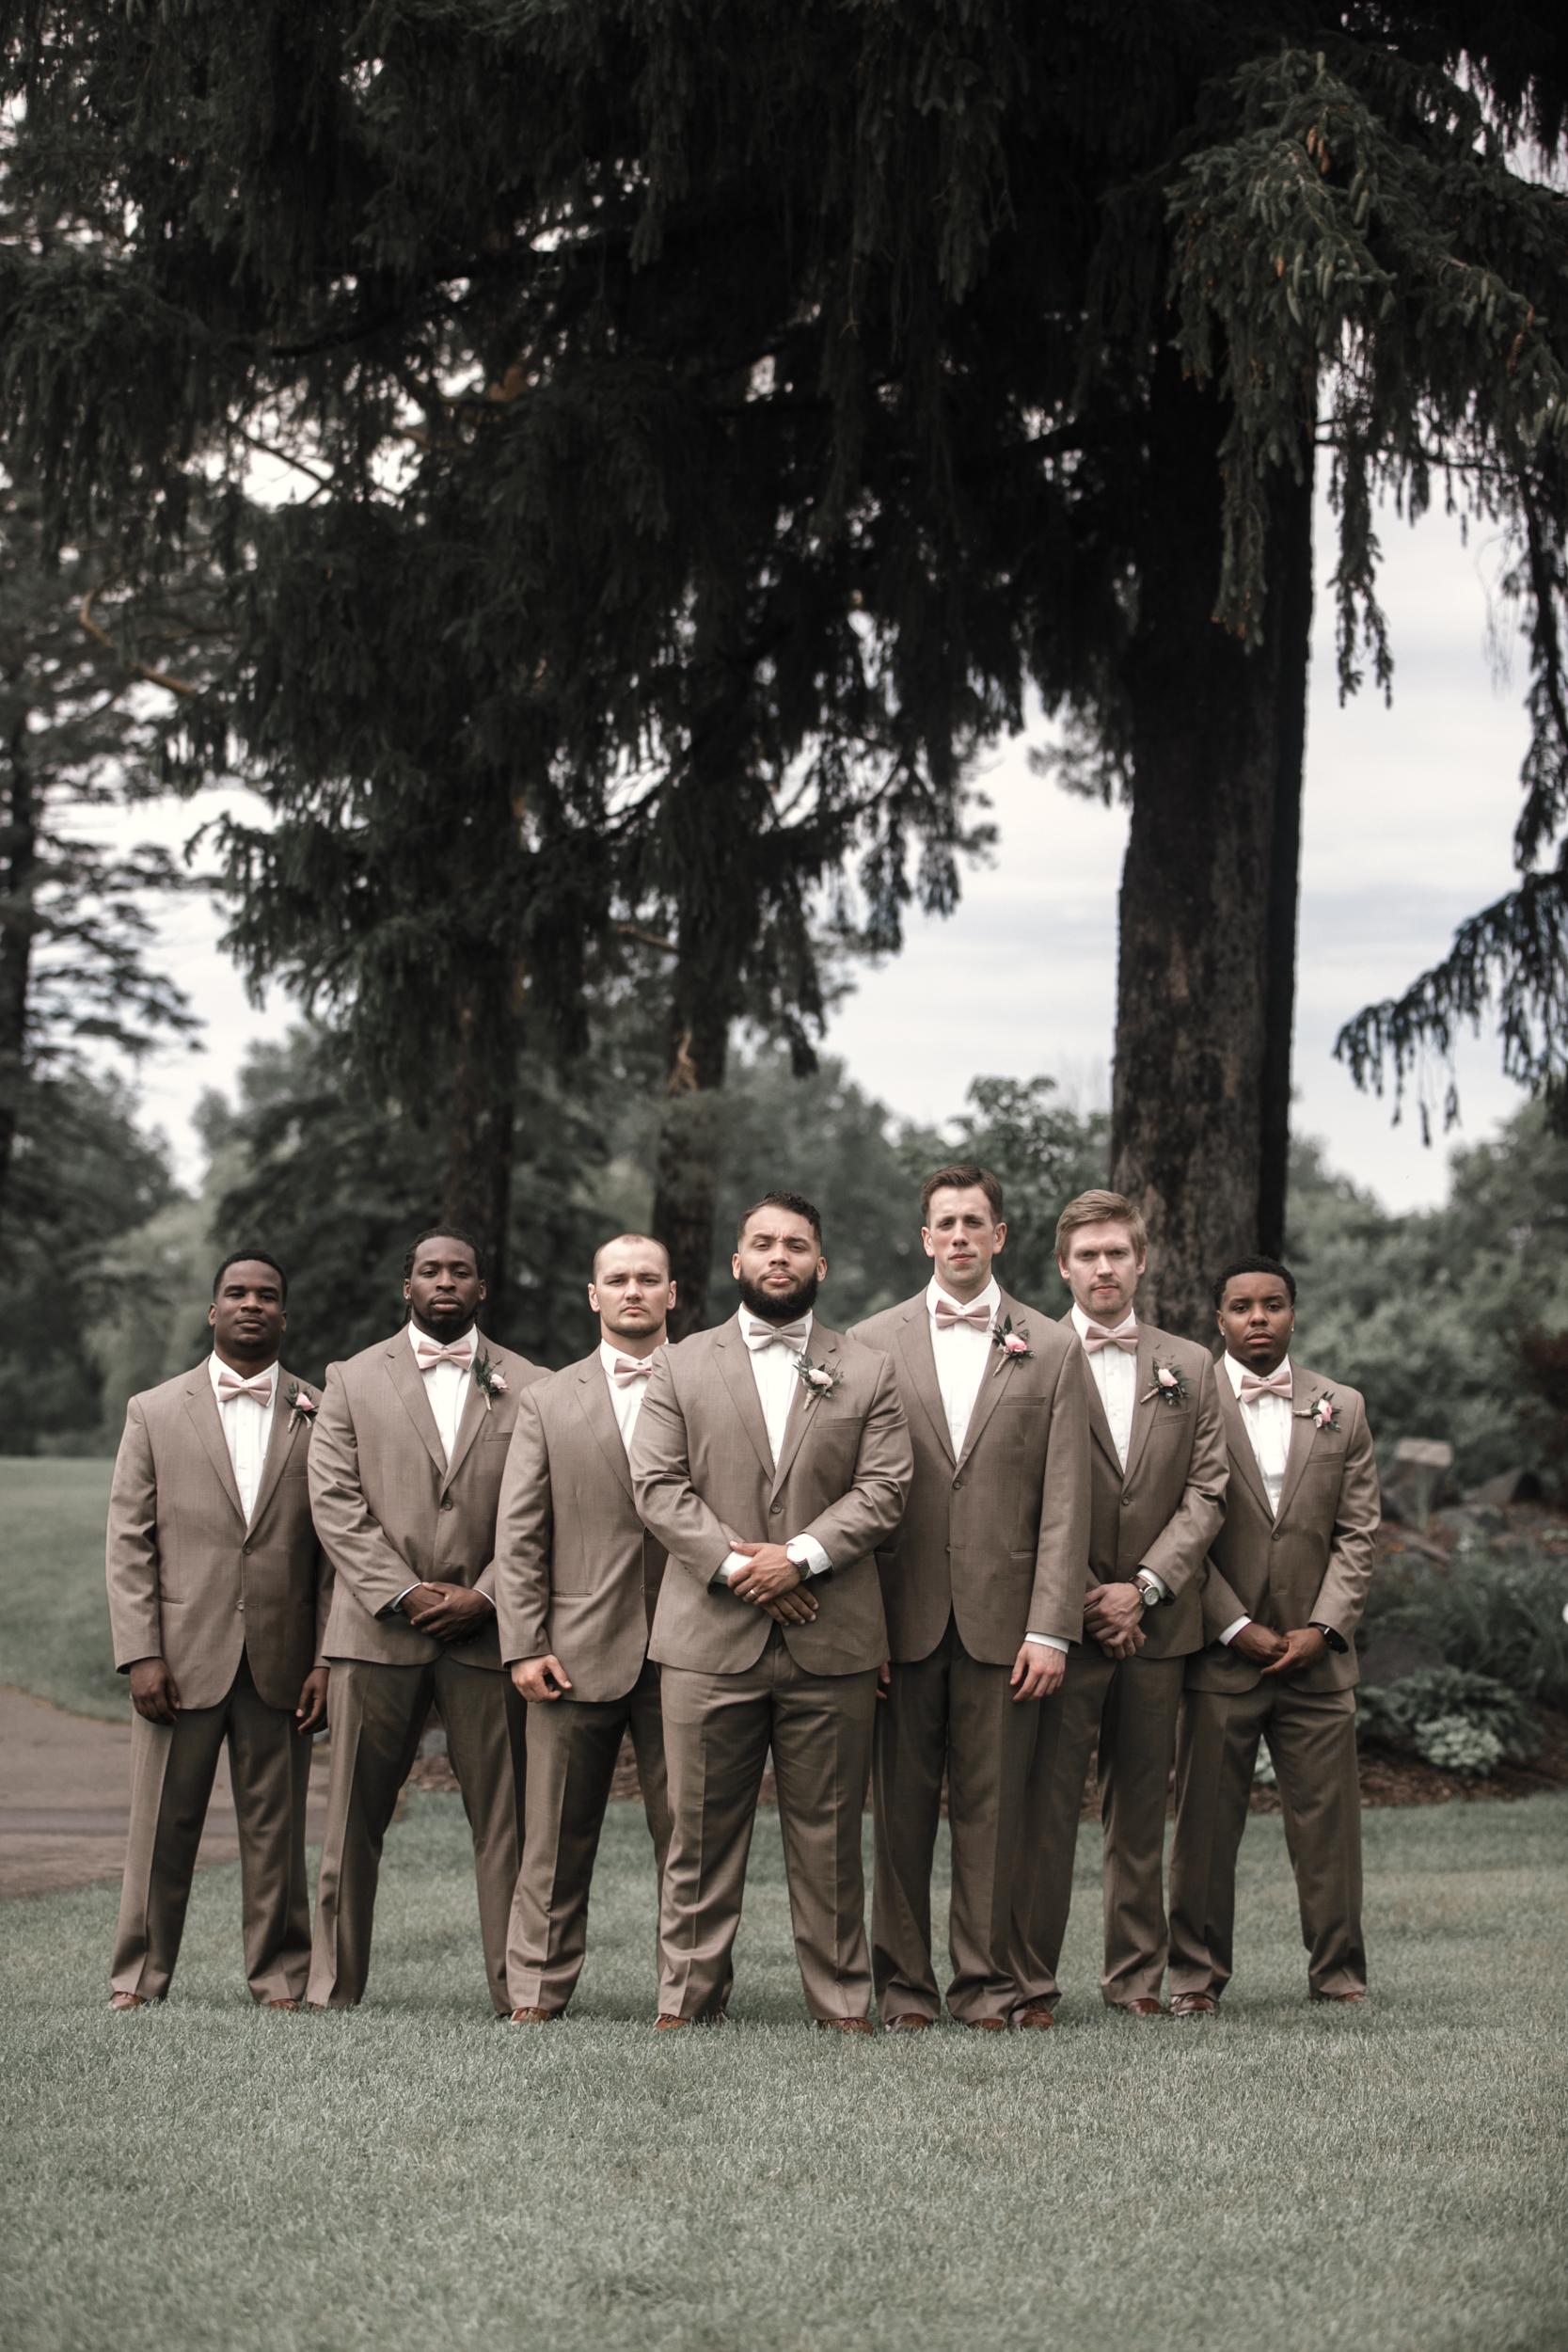 dellwood country club wedding*, Dellwood Country Club*, golf course wedding*, green golf course*, rose pink wedding details*-www.rachelsmak.com26.jpg